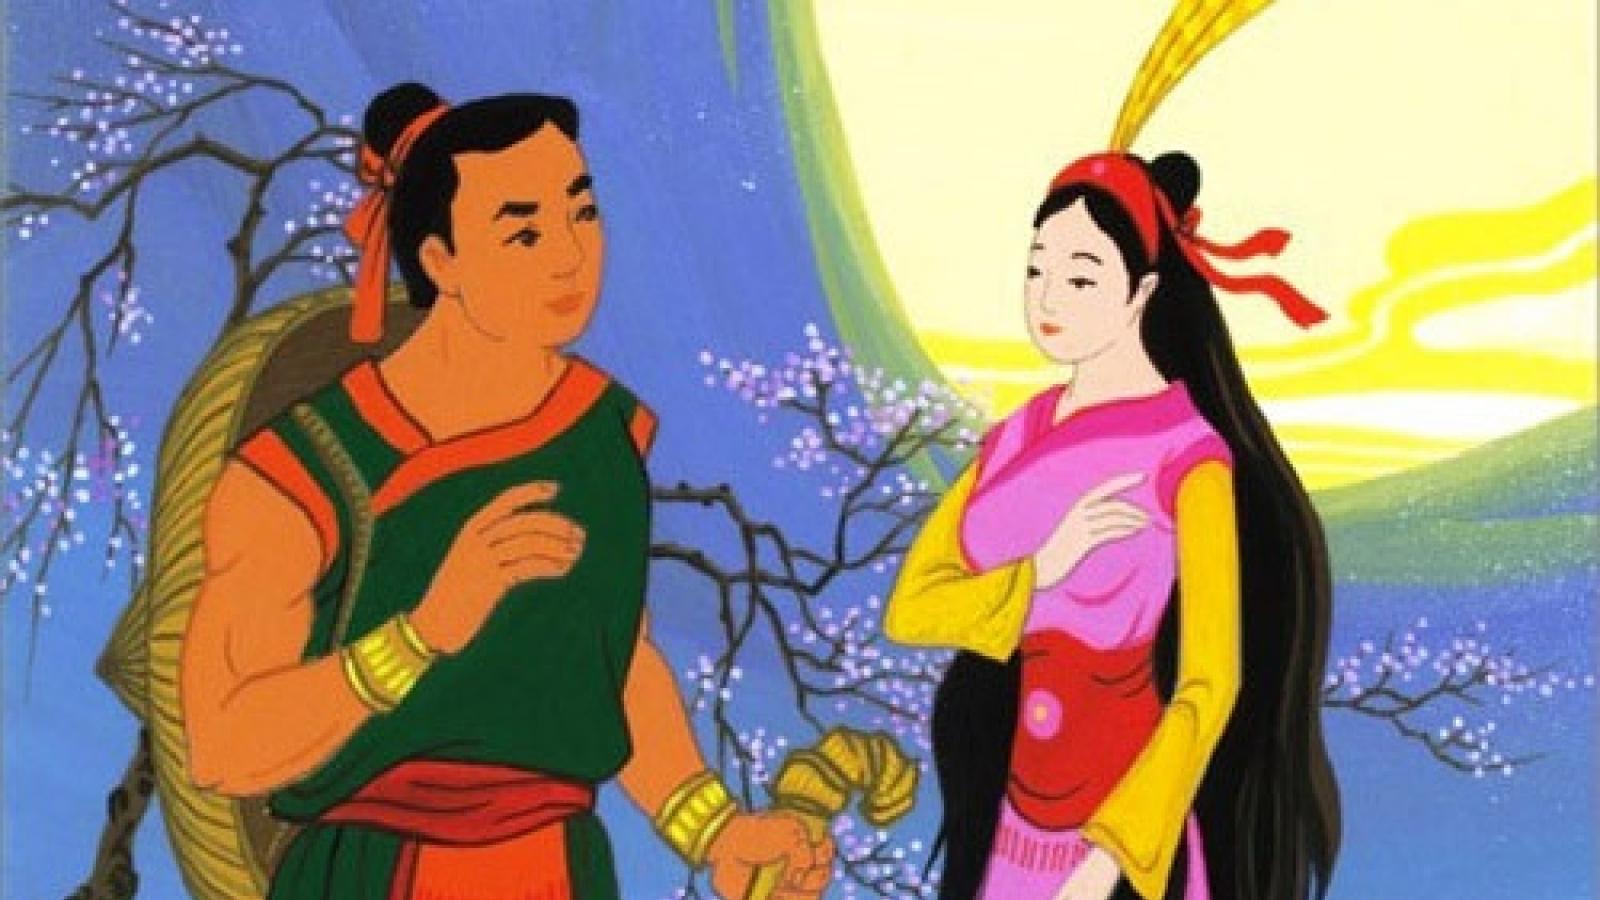 Cải lương và xiếc phối hợp kể chuyện tình Chử Đồng Tử - Tiên Dung